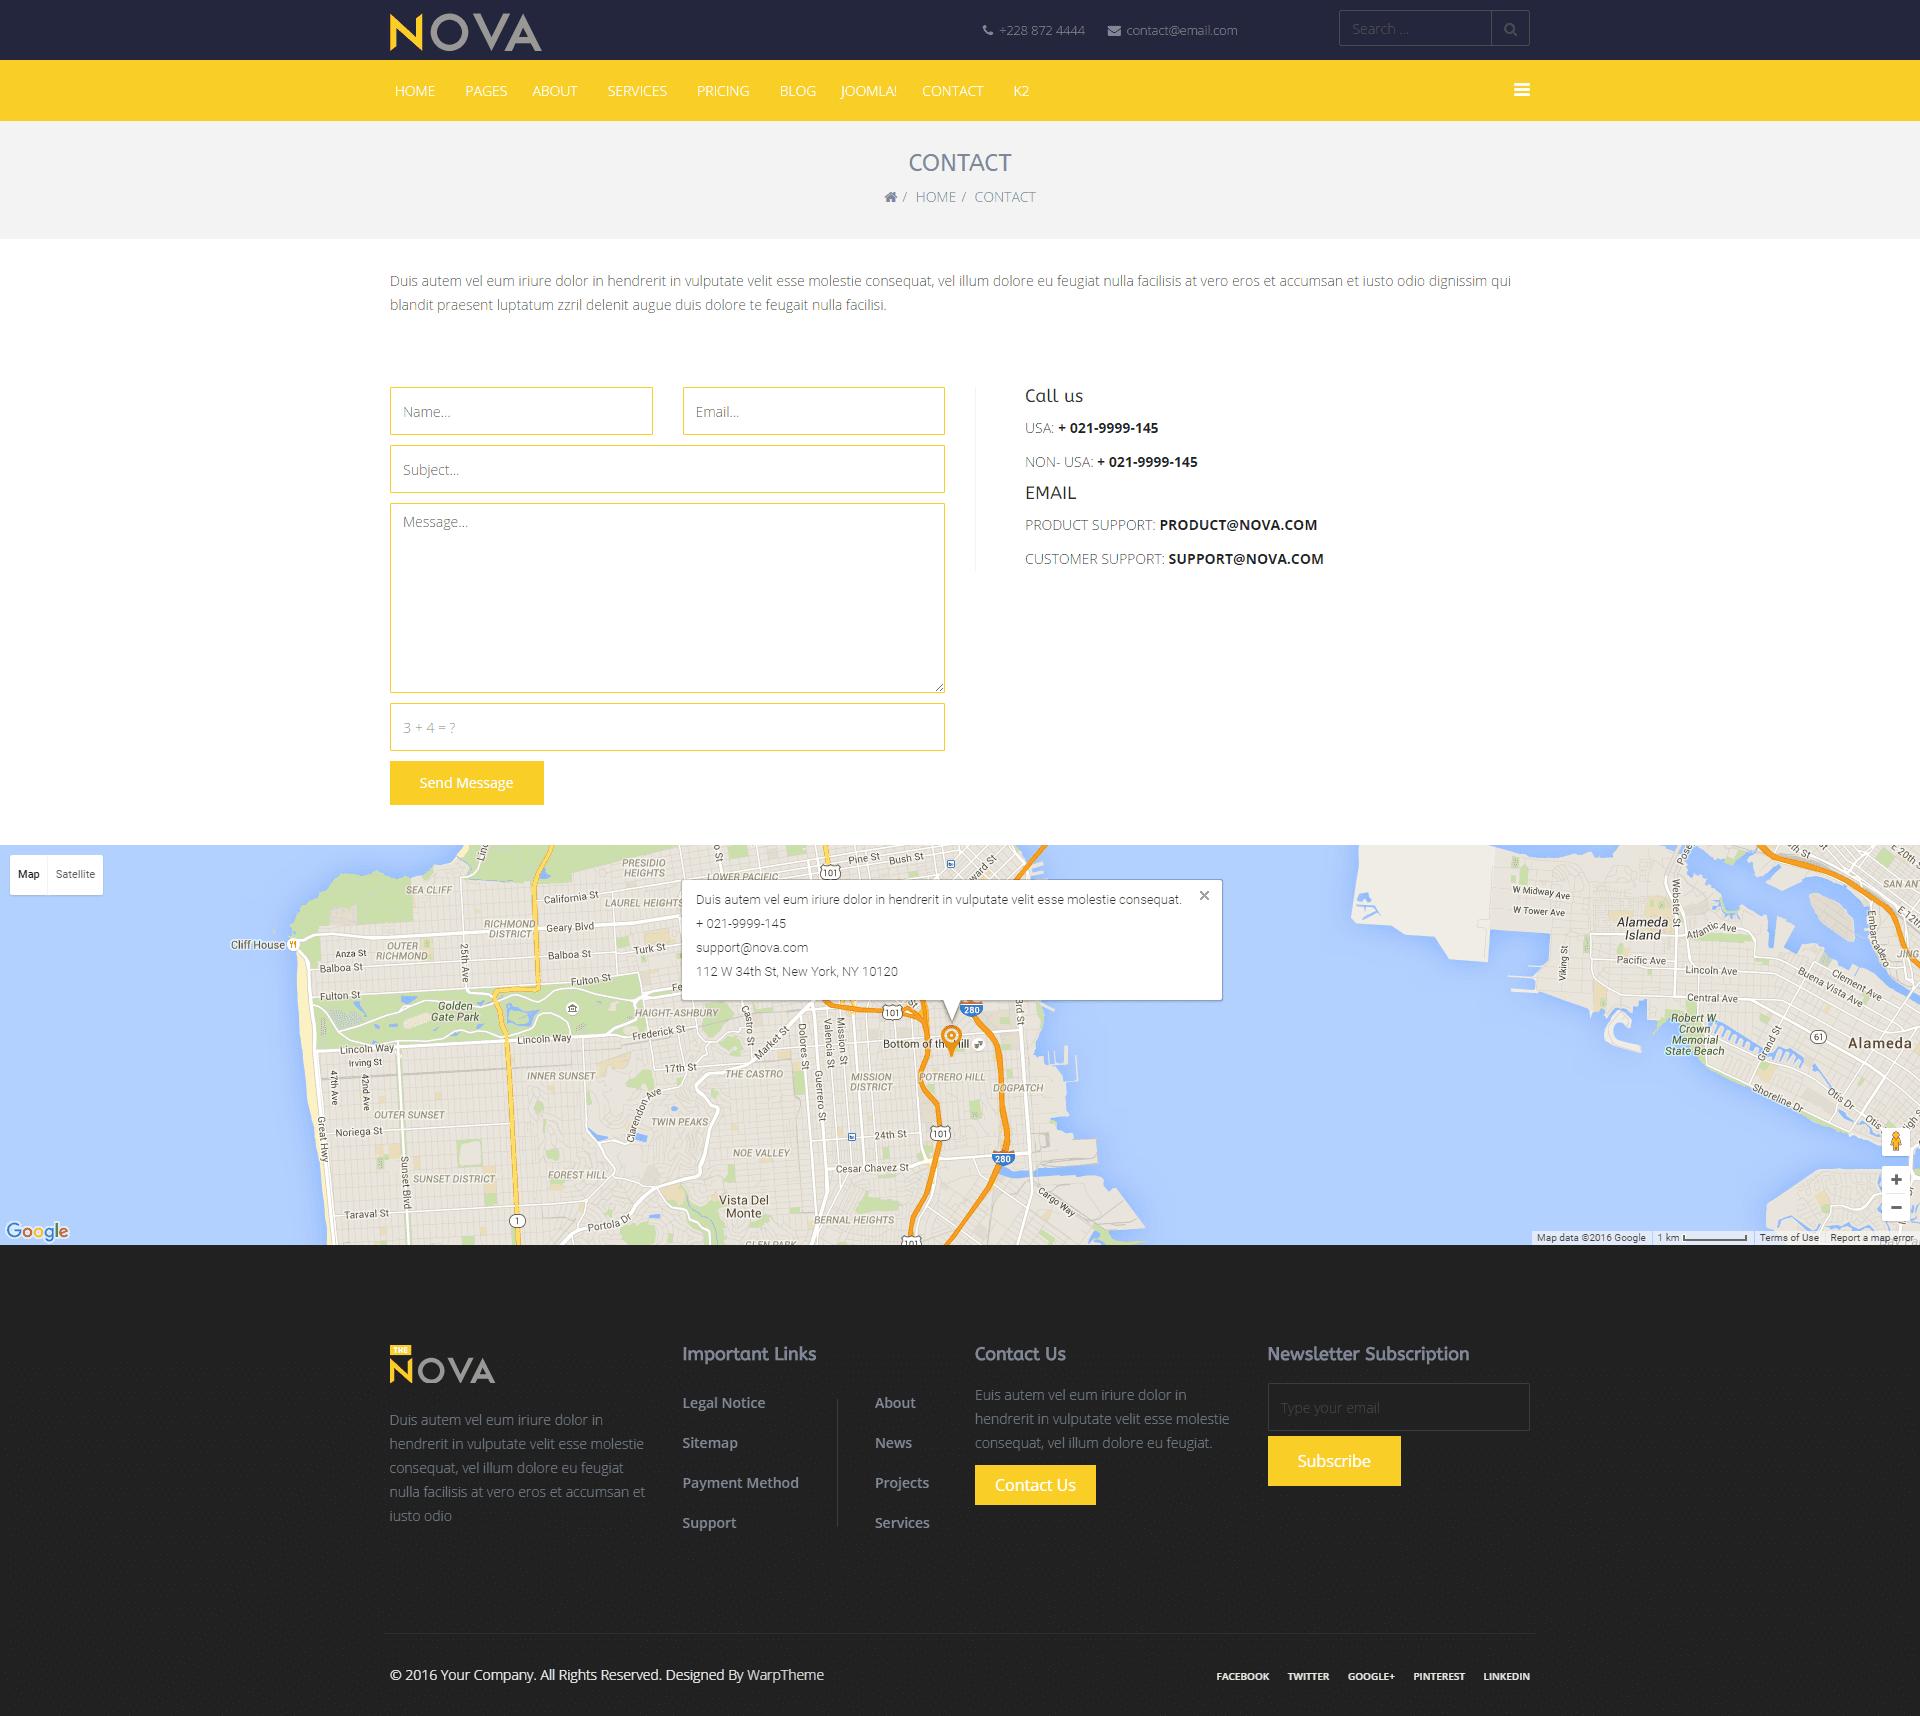 Nova Contact Page